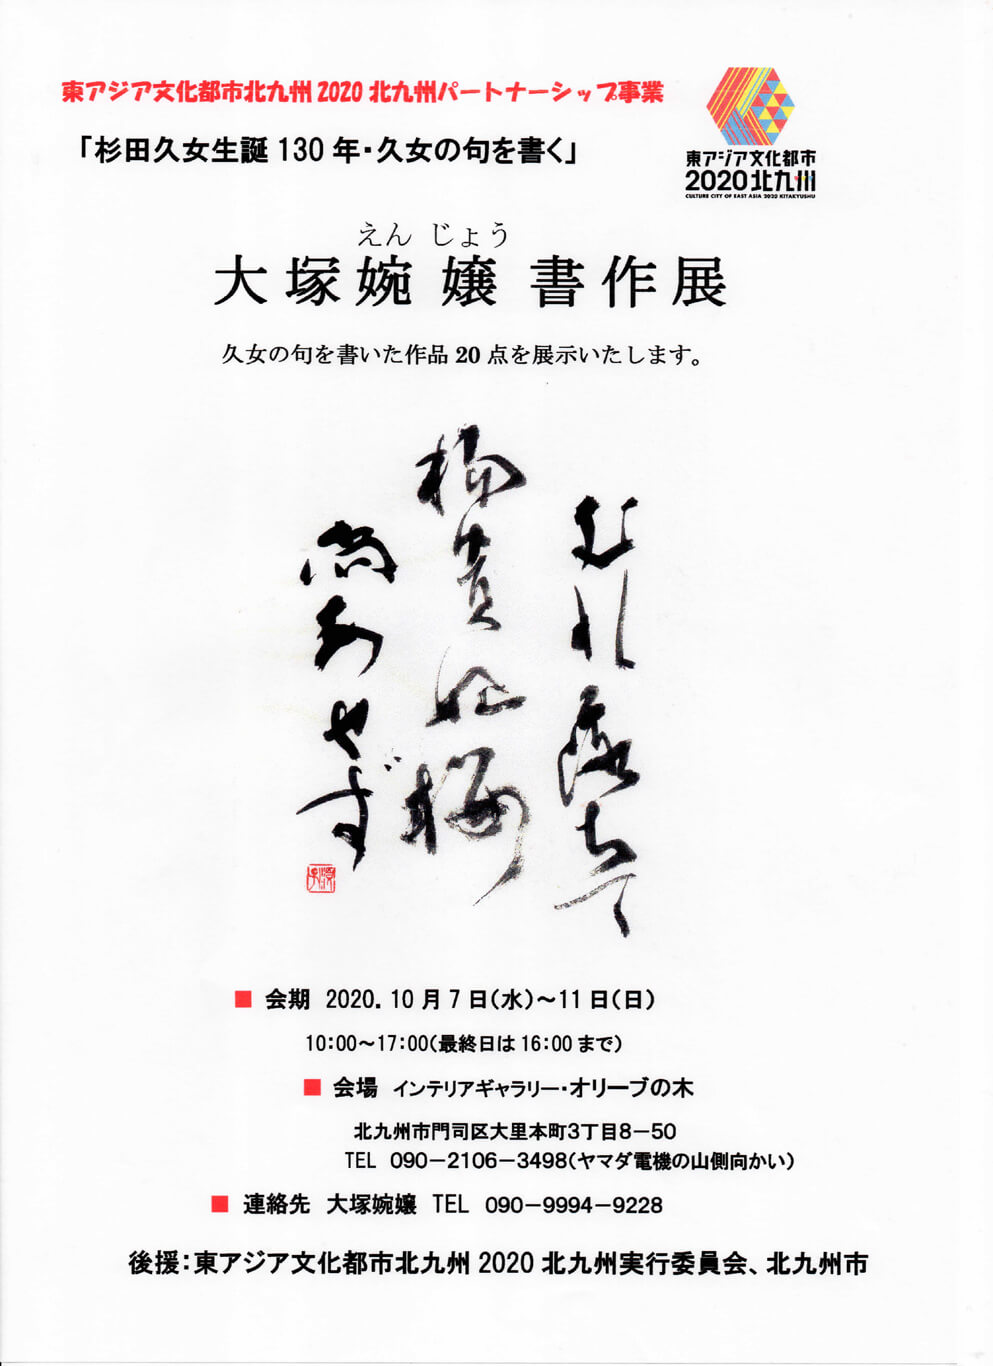 olive-202010-大塚婉嬢書作展